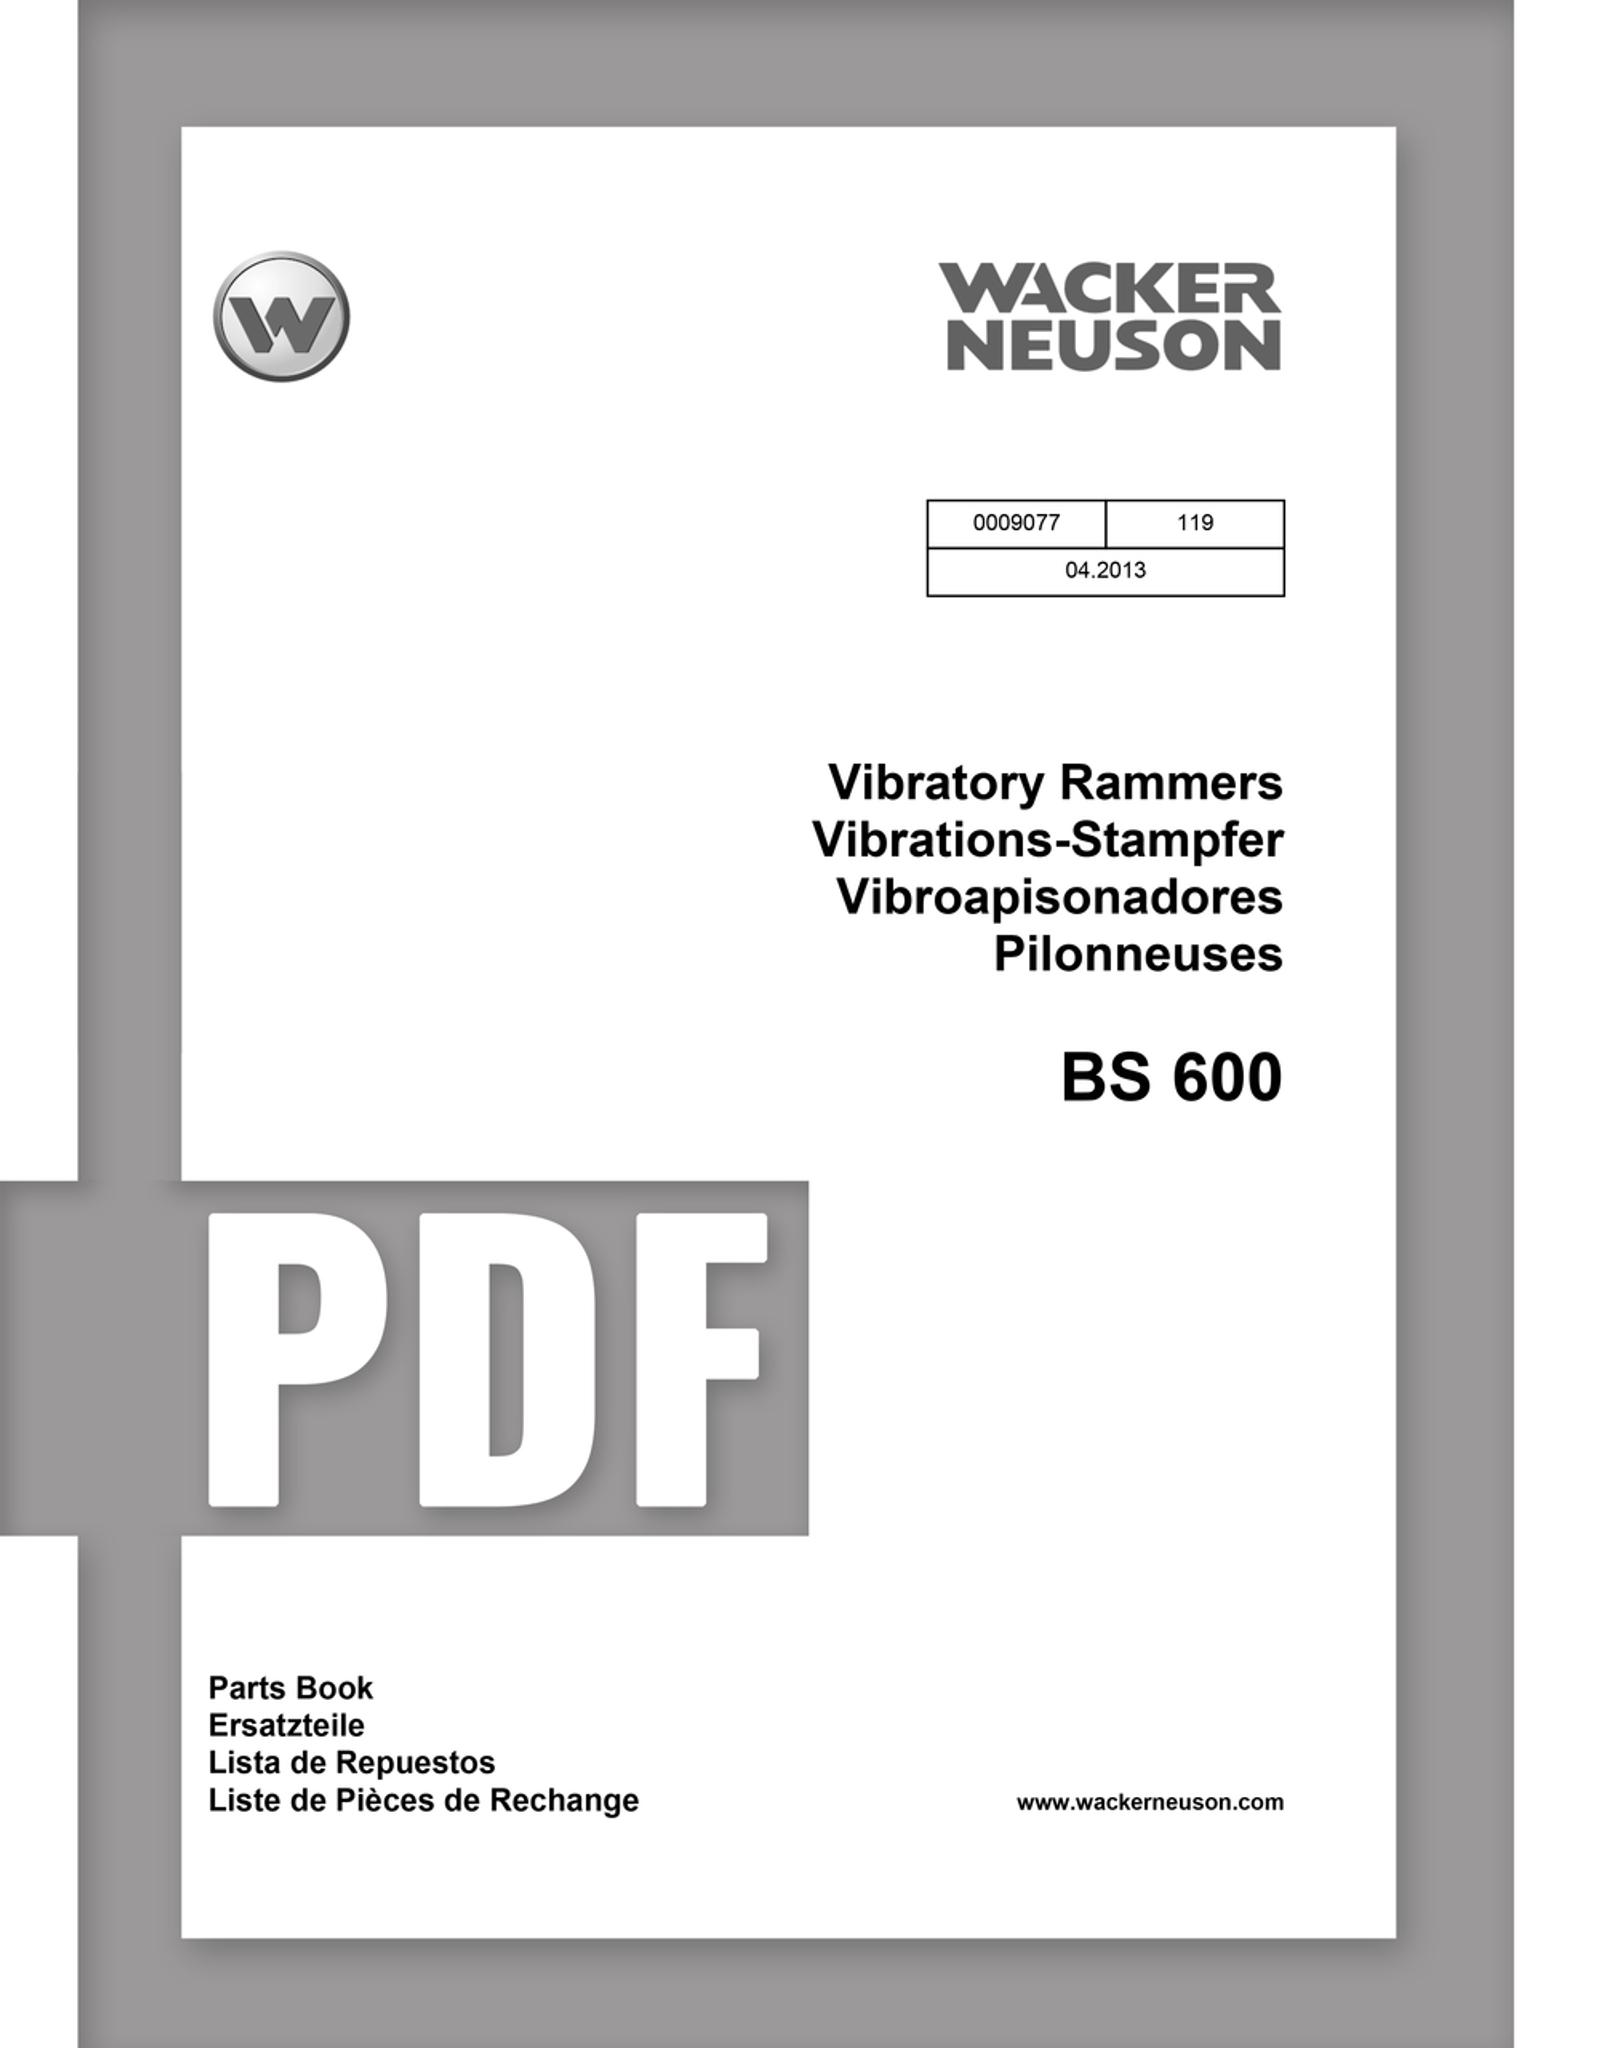 Parts Manual | BS600 - Item: 0009077, REV119 | Free Download